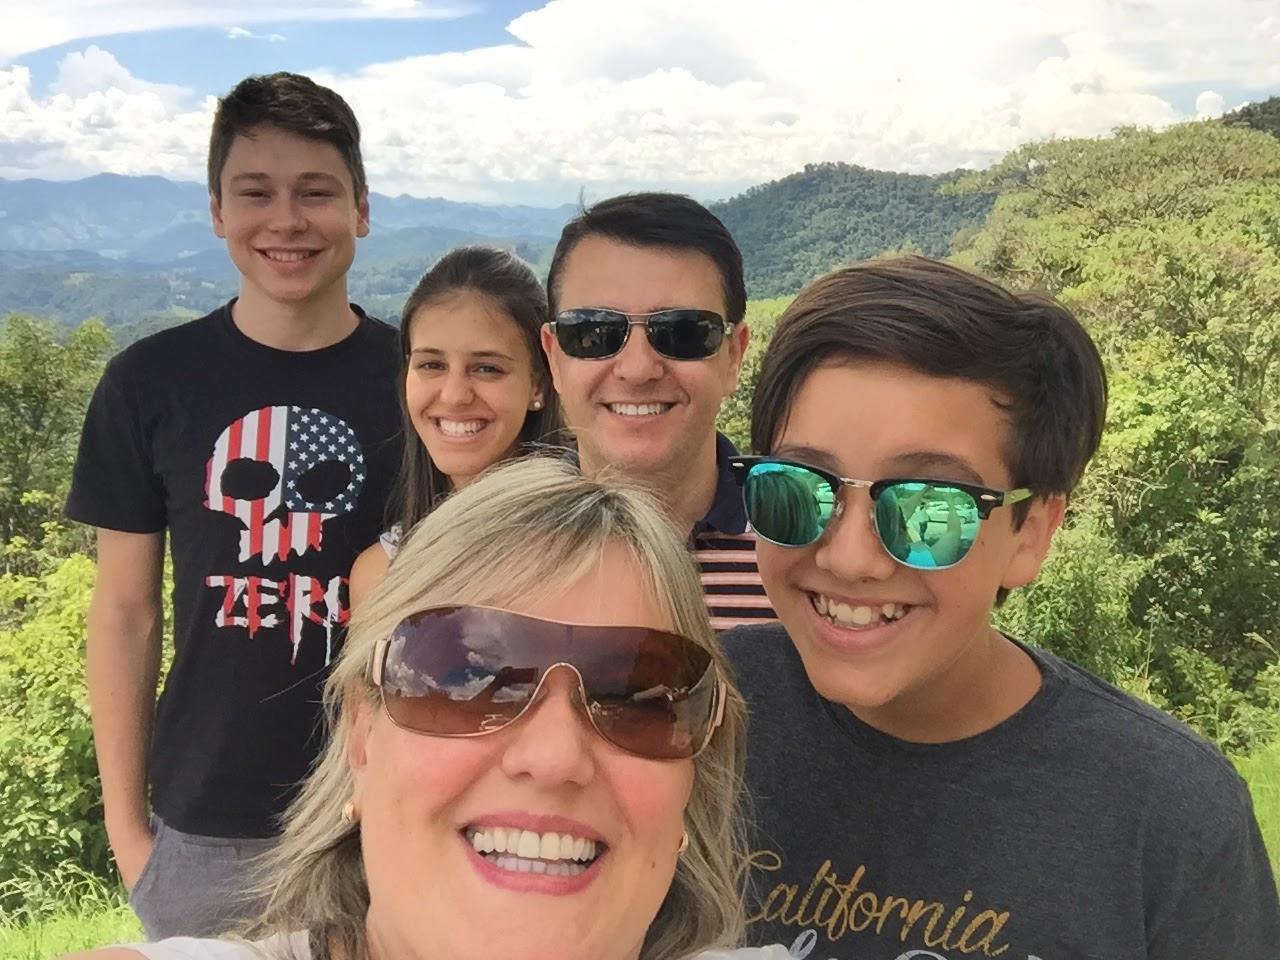 Dicas de viagem com filhos adolescentes